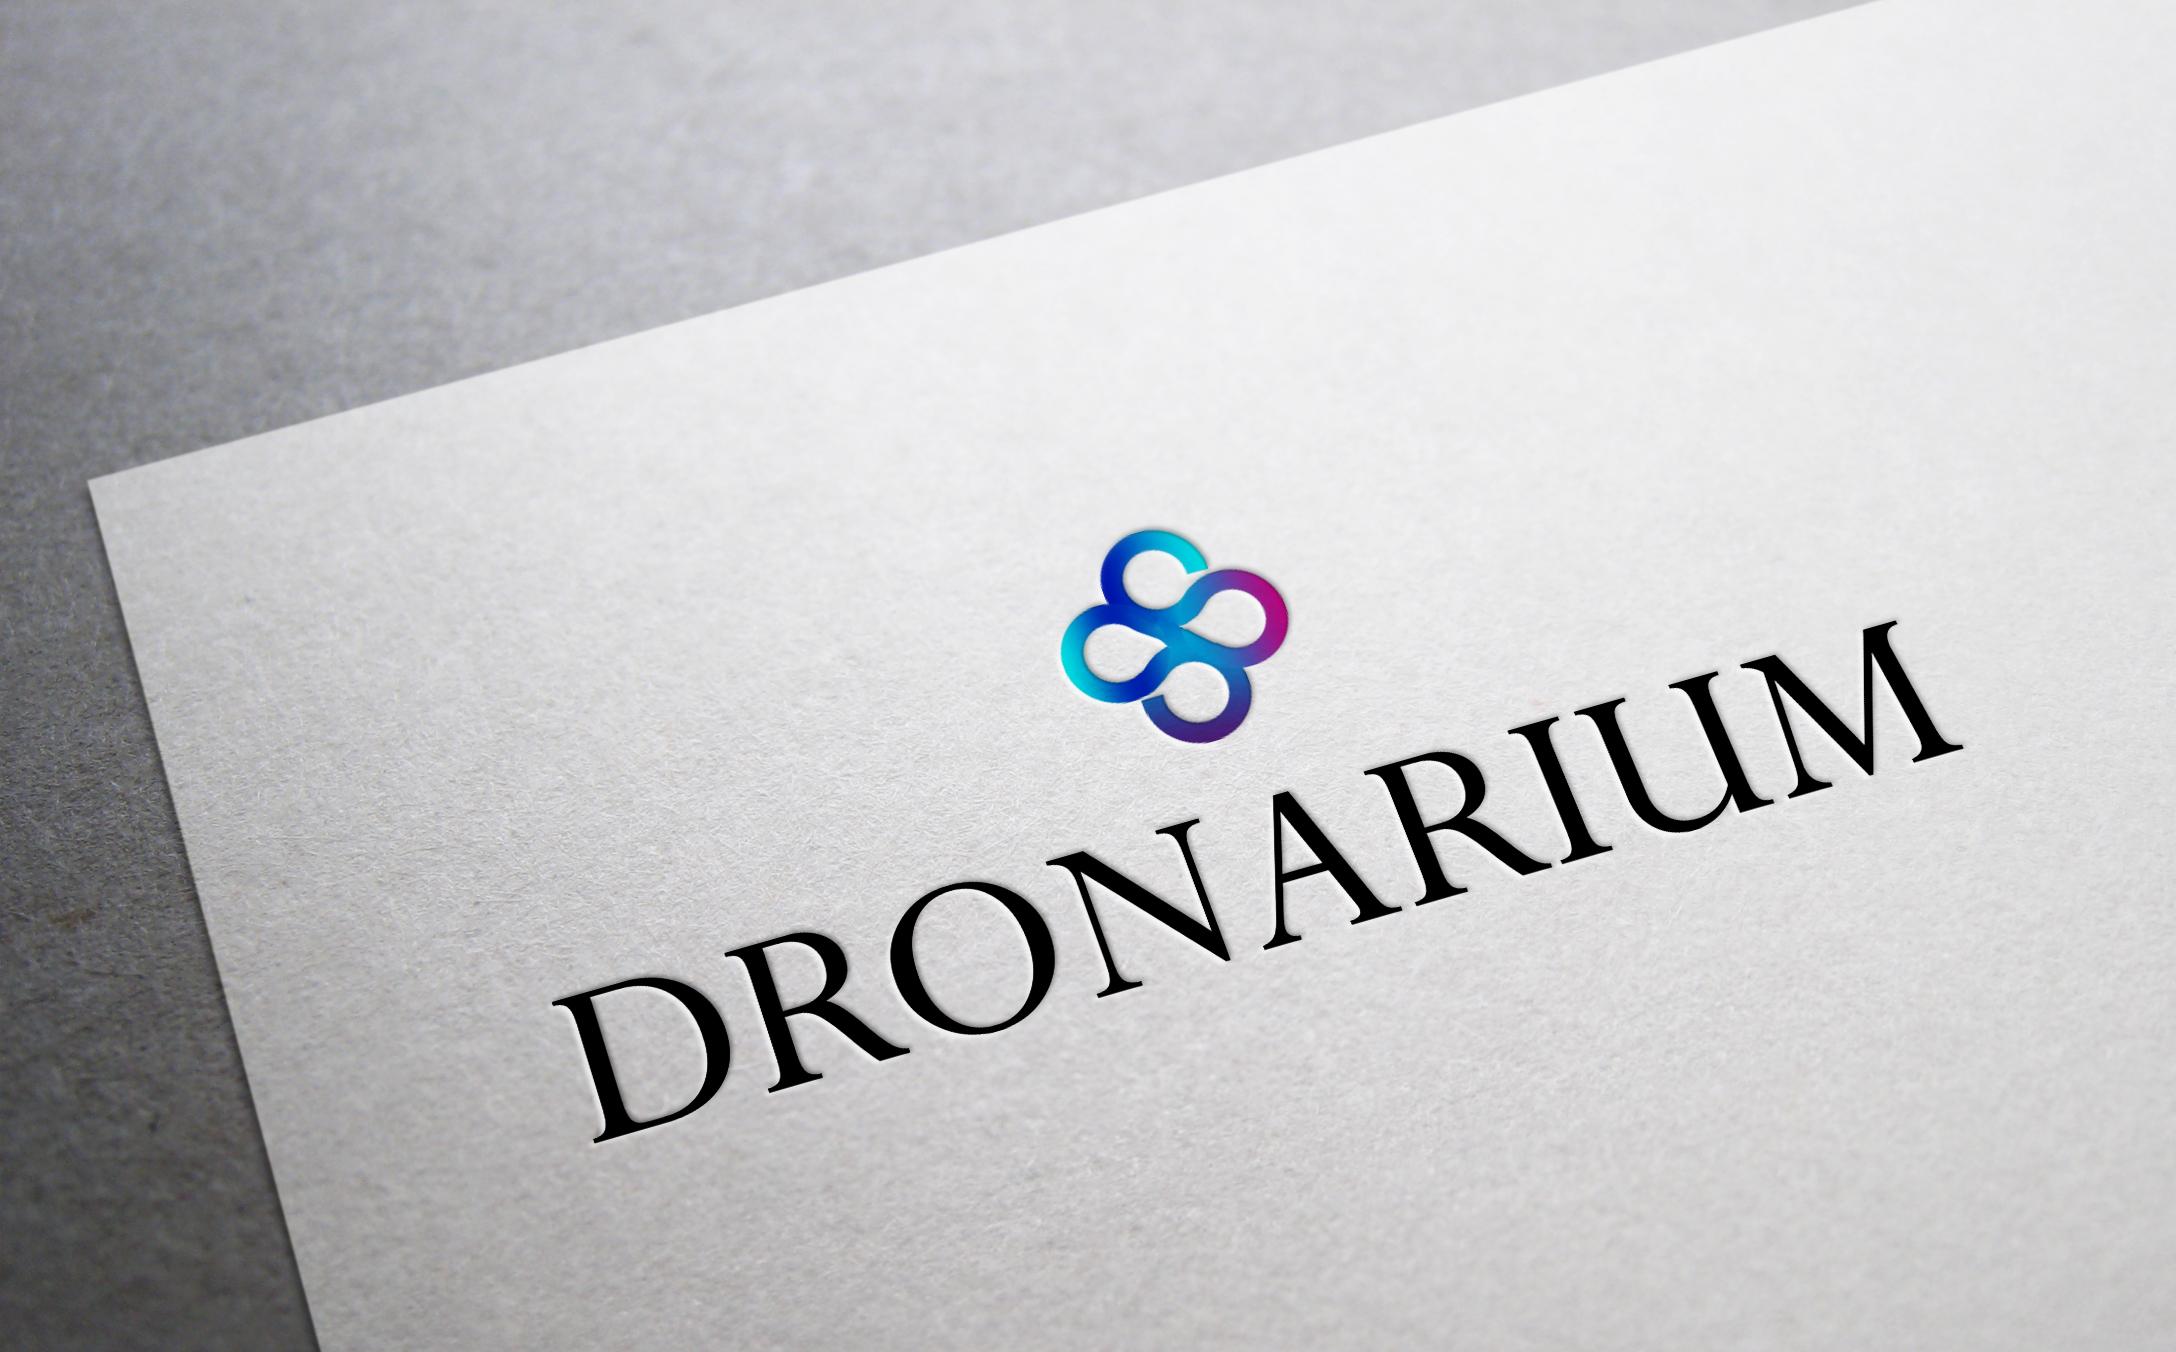 """Логотип для компании по разработке и продаже дронов """"Dronarium"""""""